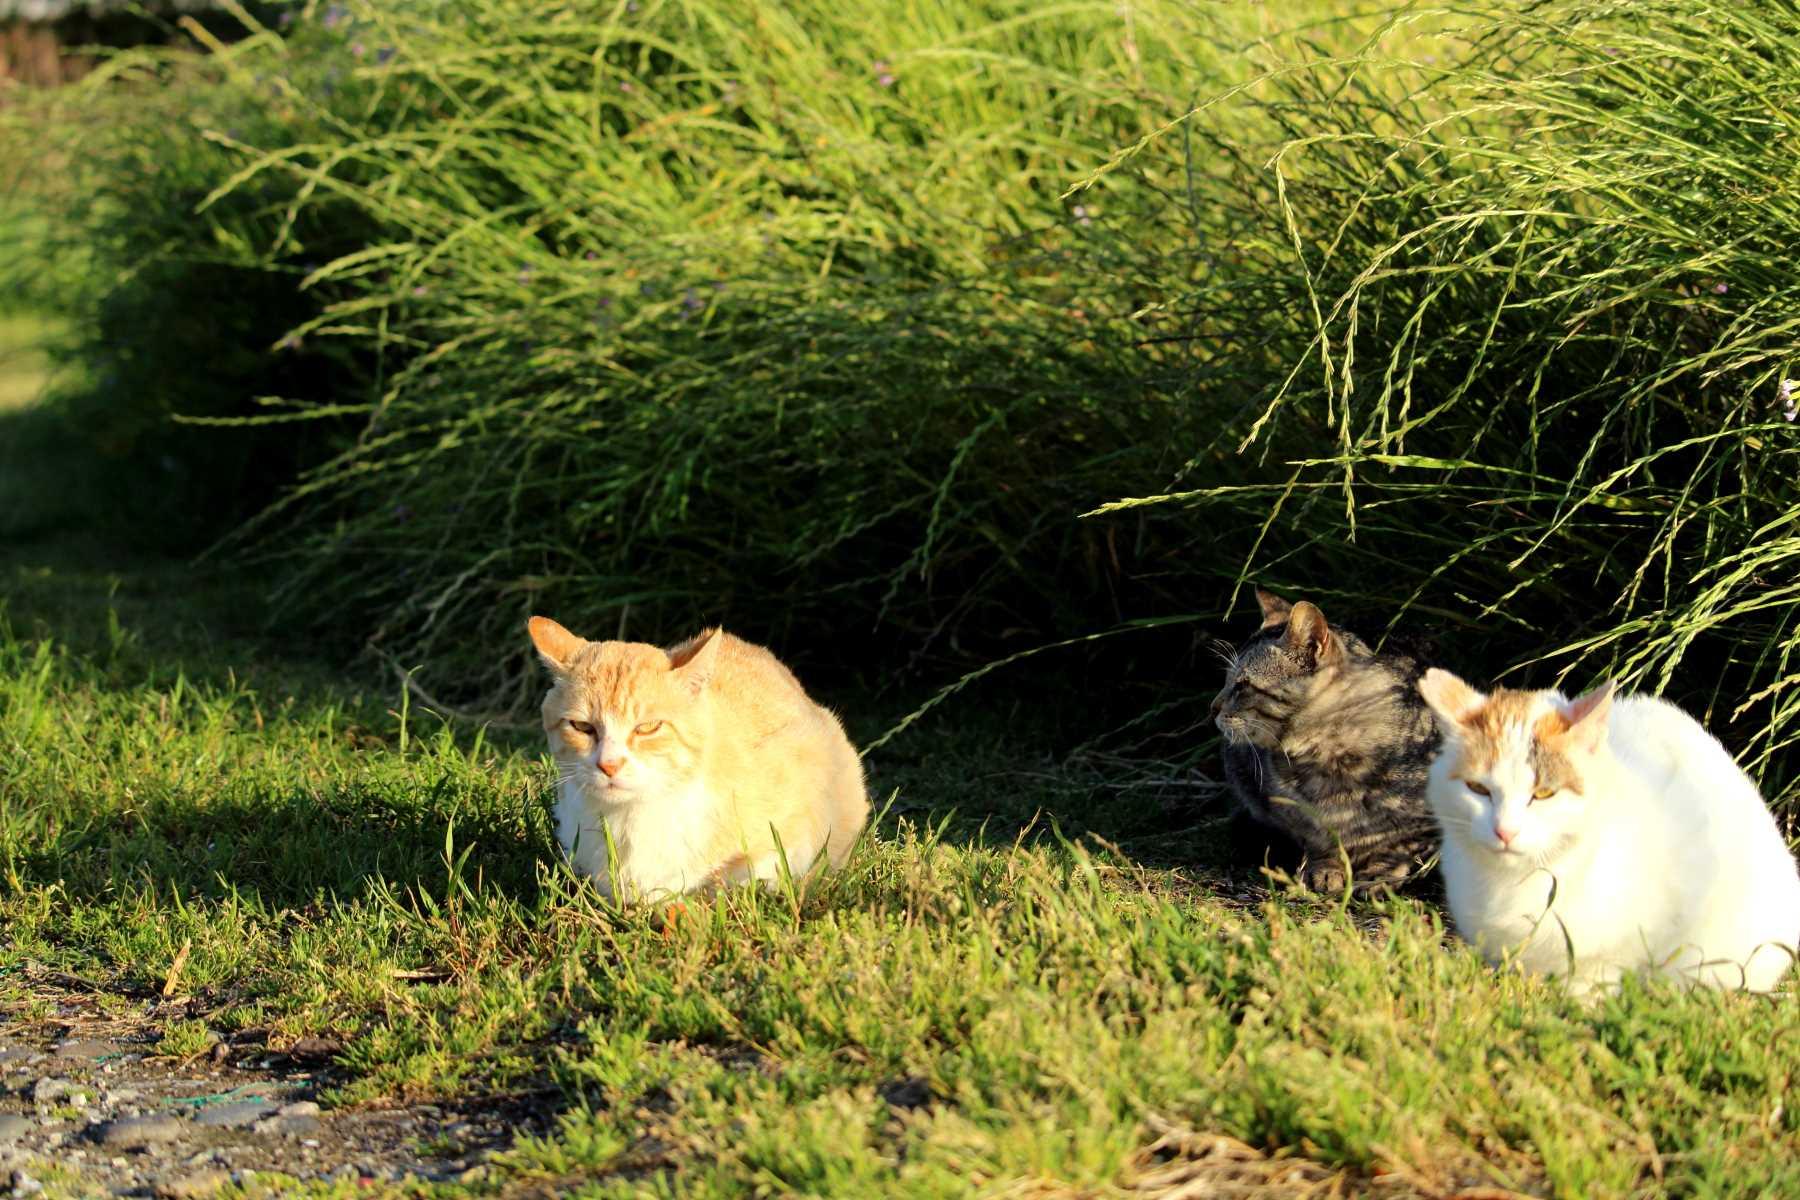 関東一の猫島「城ヶ島」と言う猫ヶ島(ねこがしま)を一周した